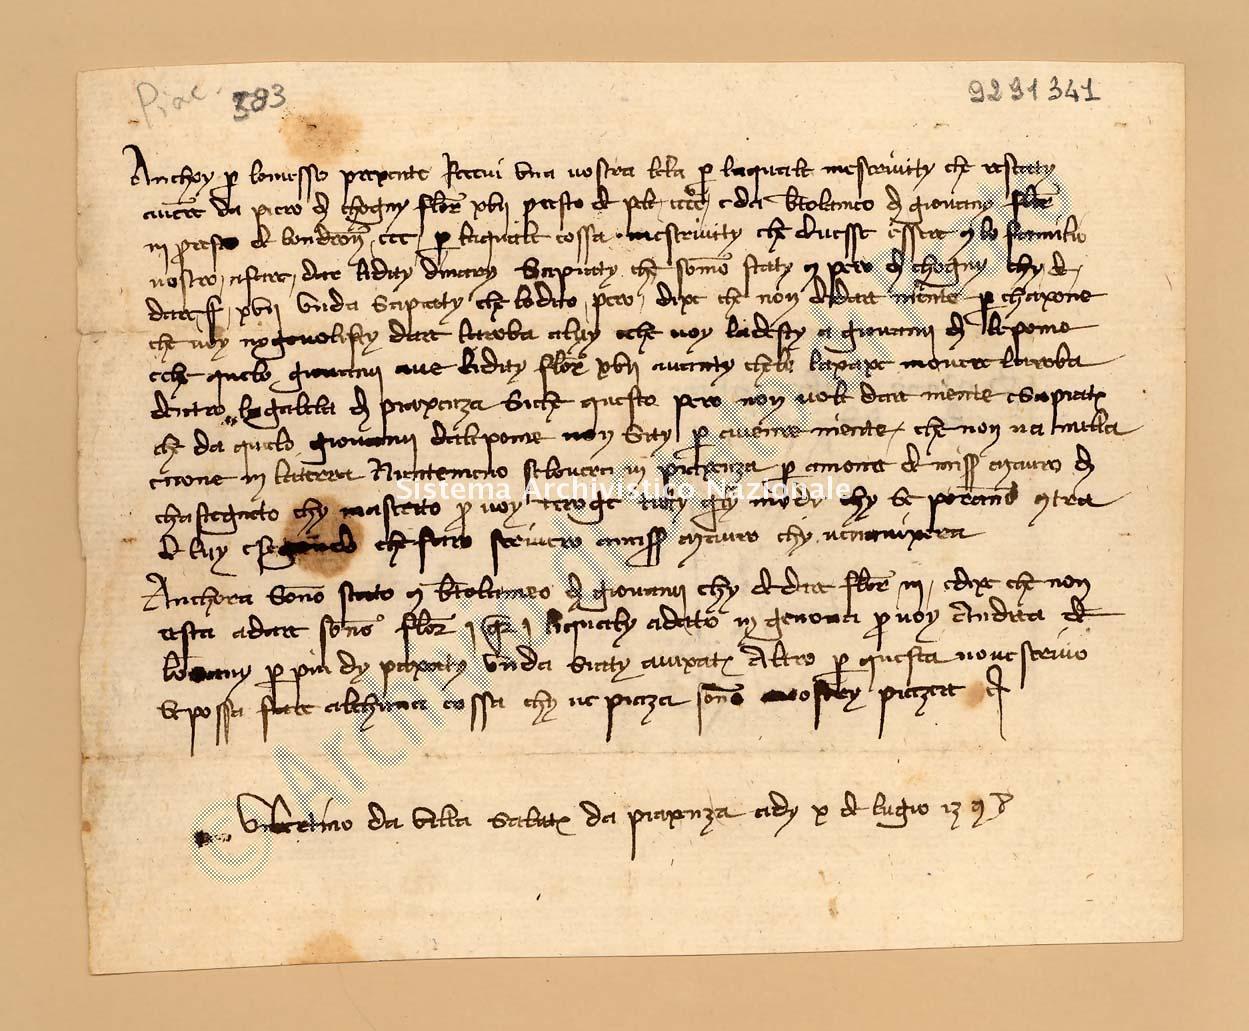 Archivio di Stato di Prato, Fondo Datini, Appendice al carteggio, 1116.73 Lettere Di Uberto (o Ubertino) Da Villa a Agli Manno Di Albizo (busta 1116, inserto 73, codice 9291341)